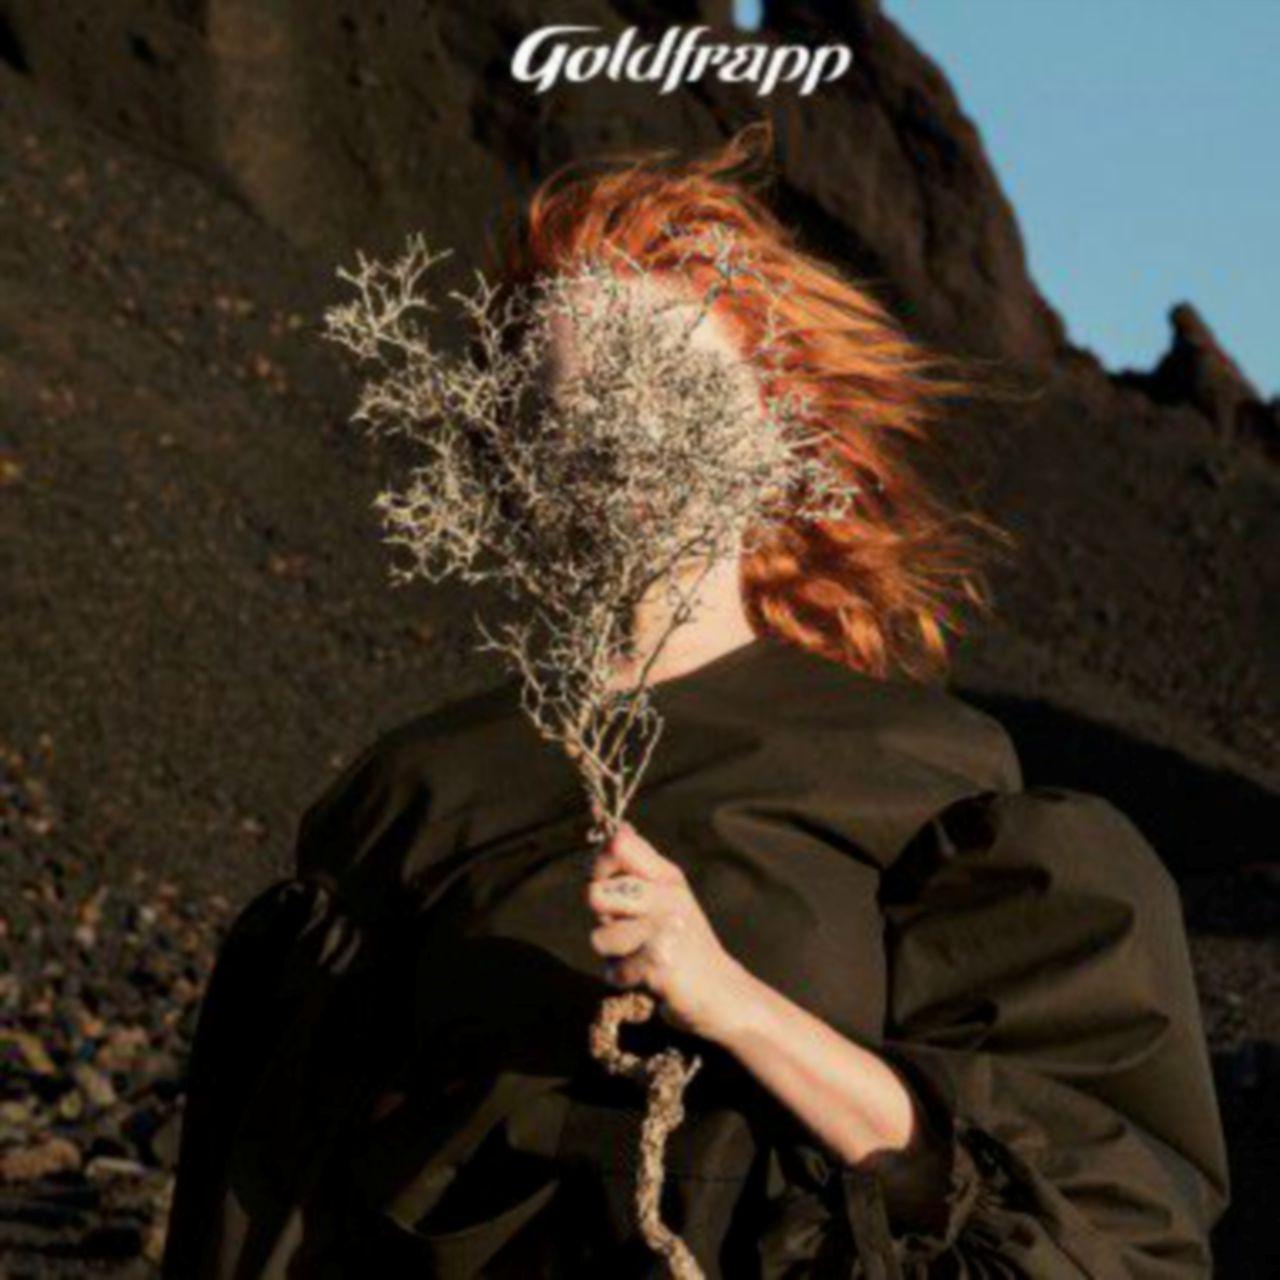 L'eclettismo indiscusso dei plurali Goldfrapp